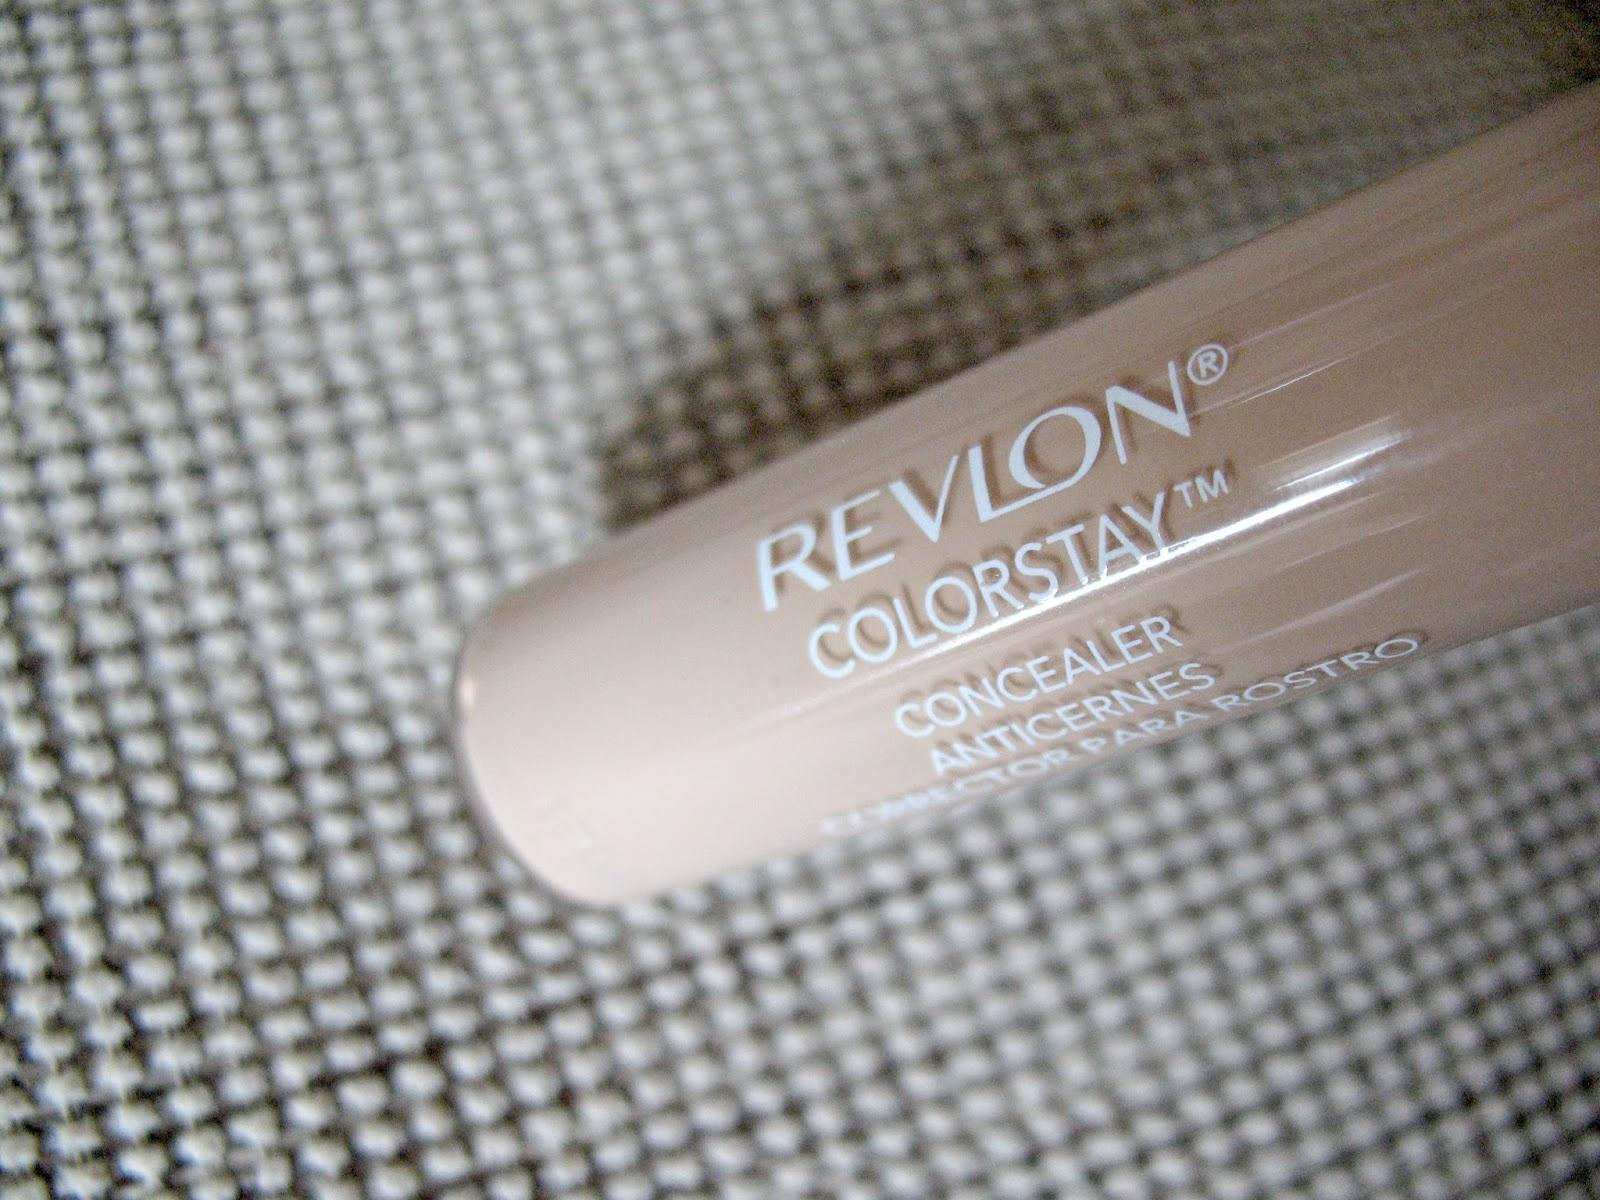 Revlon Colorstay Concealer - shade 03 light medium